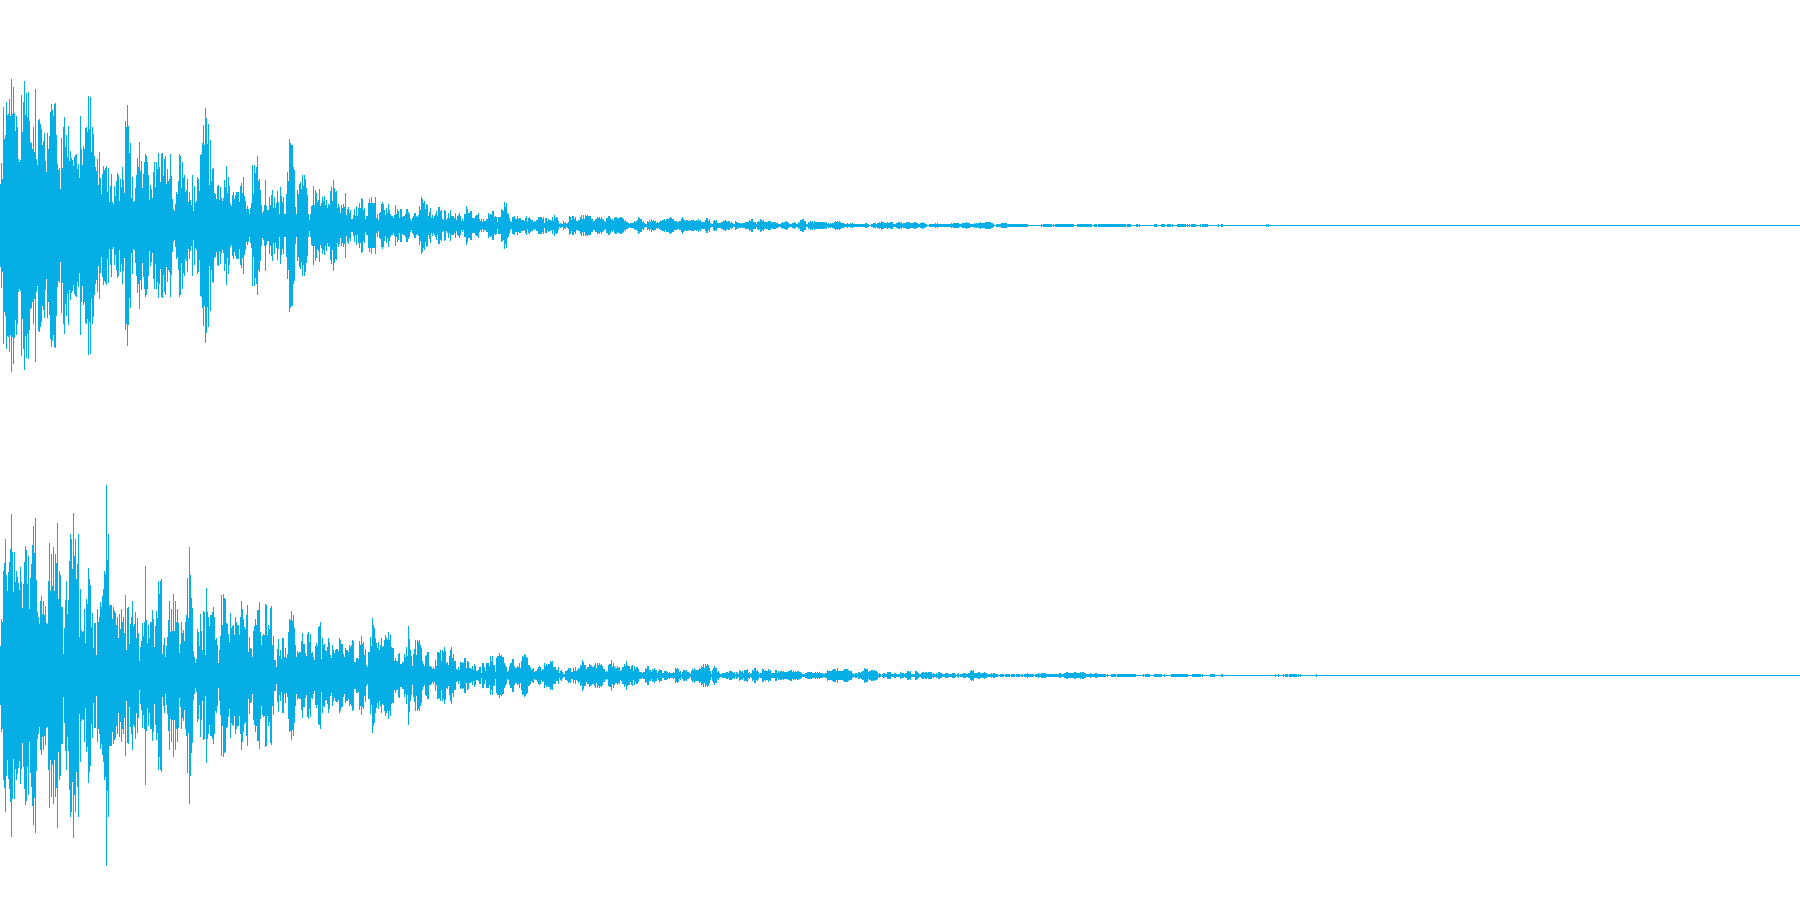 ドーン-31-1(インパクト音)の再生済みの波形